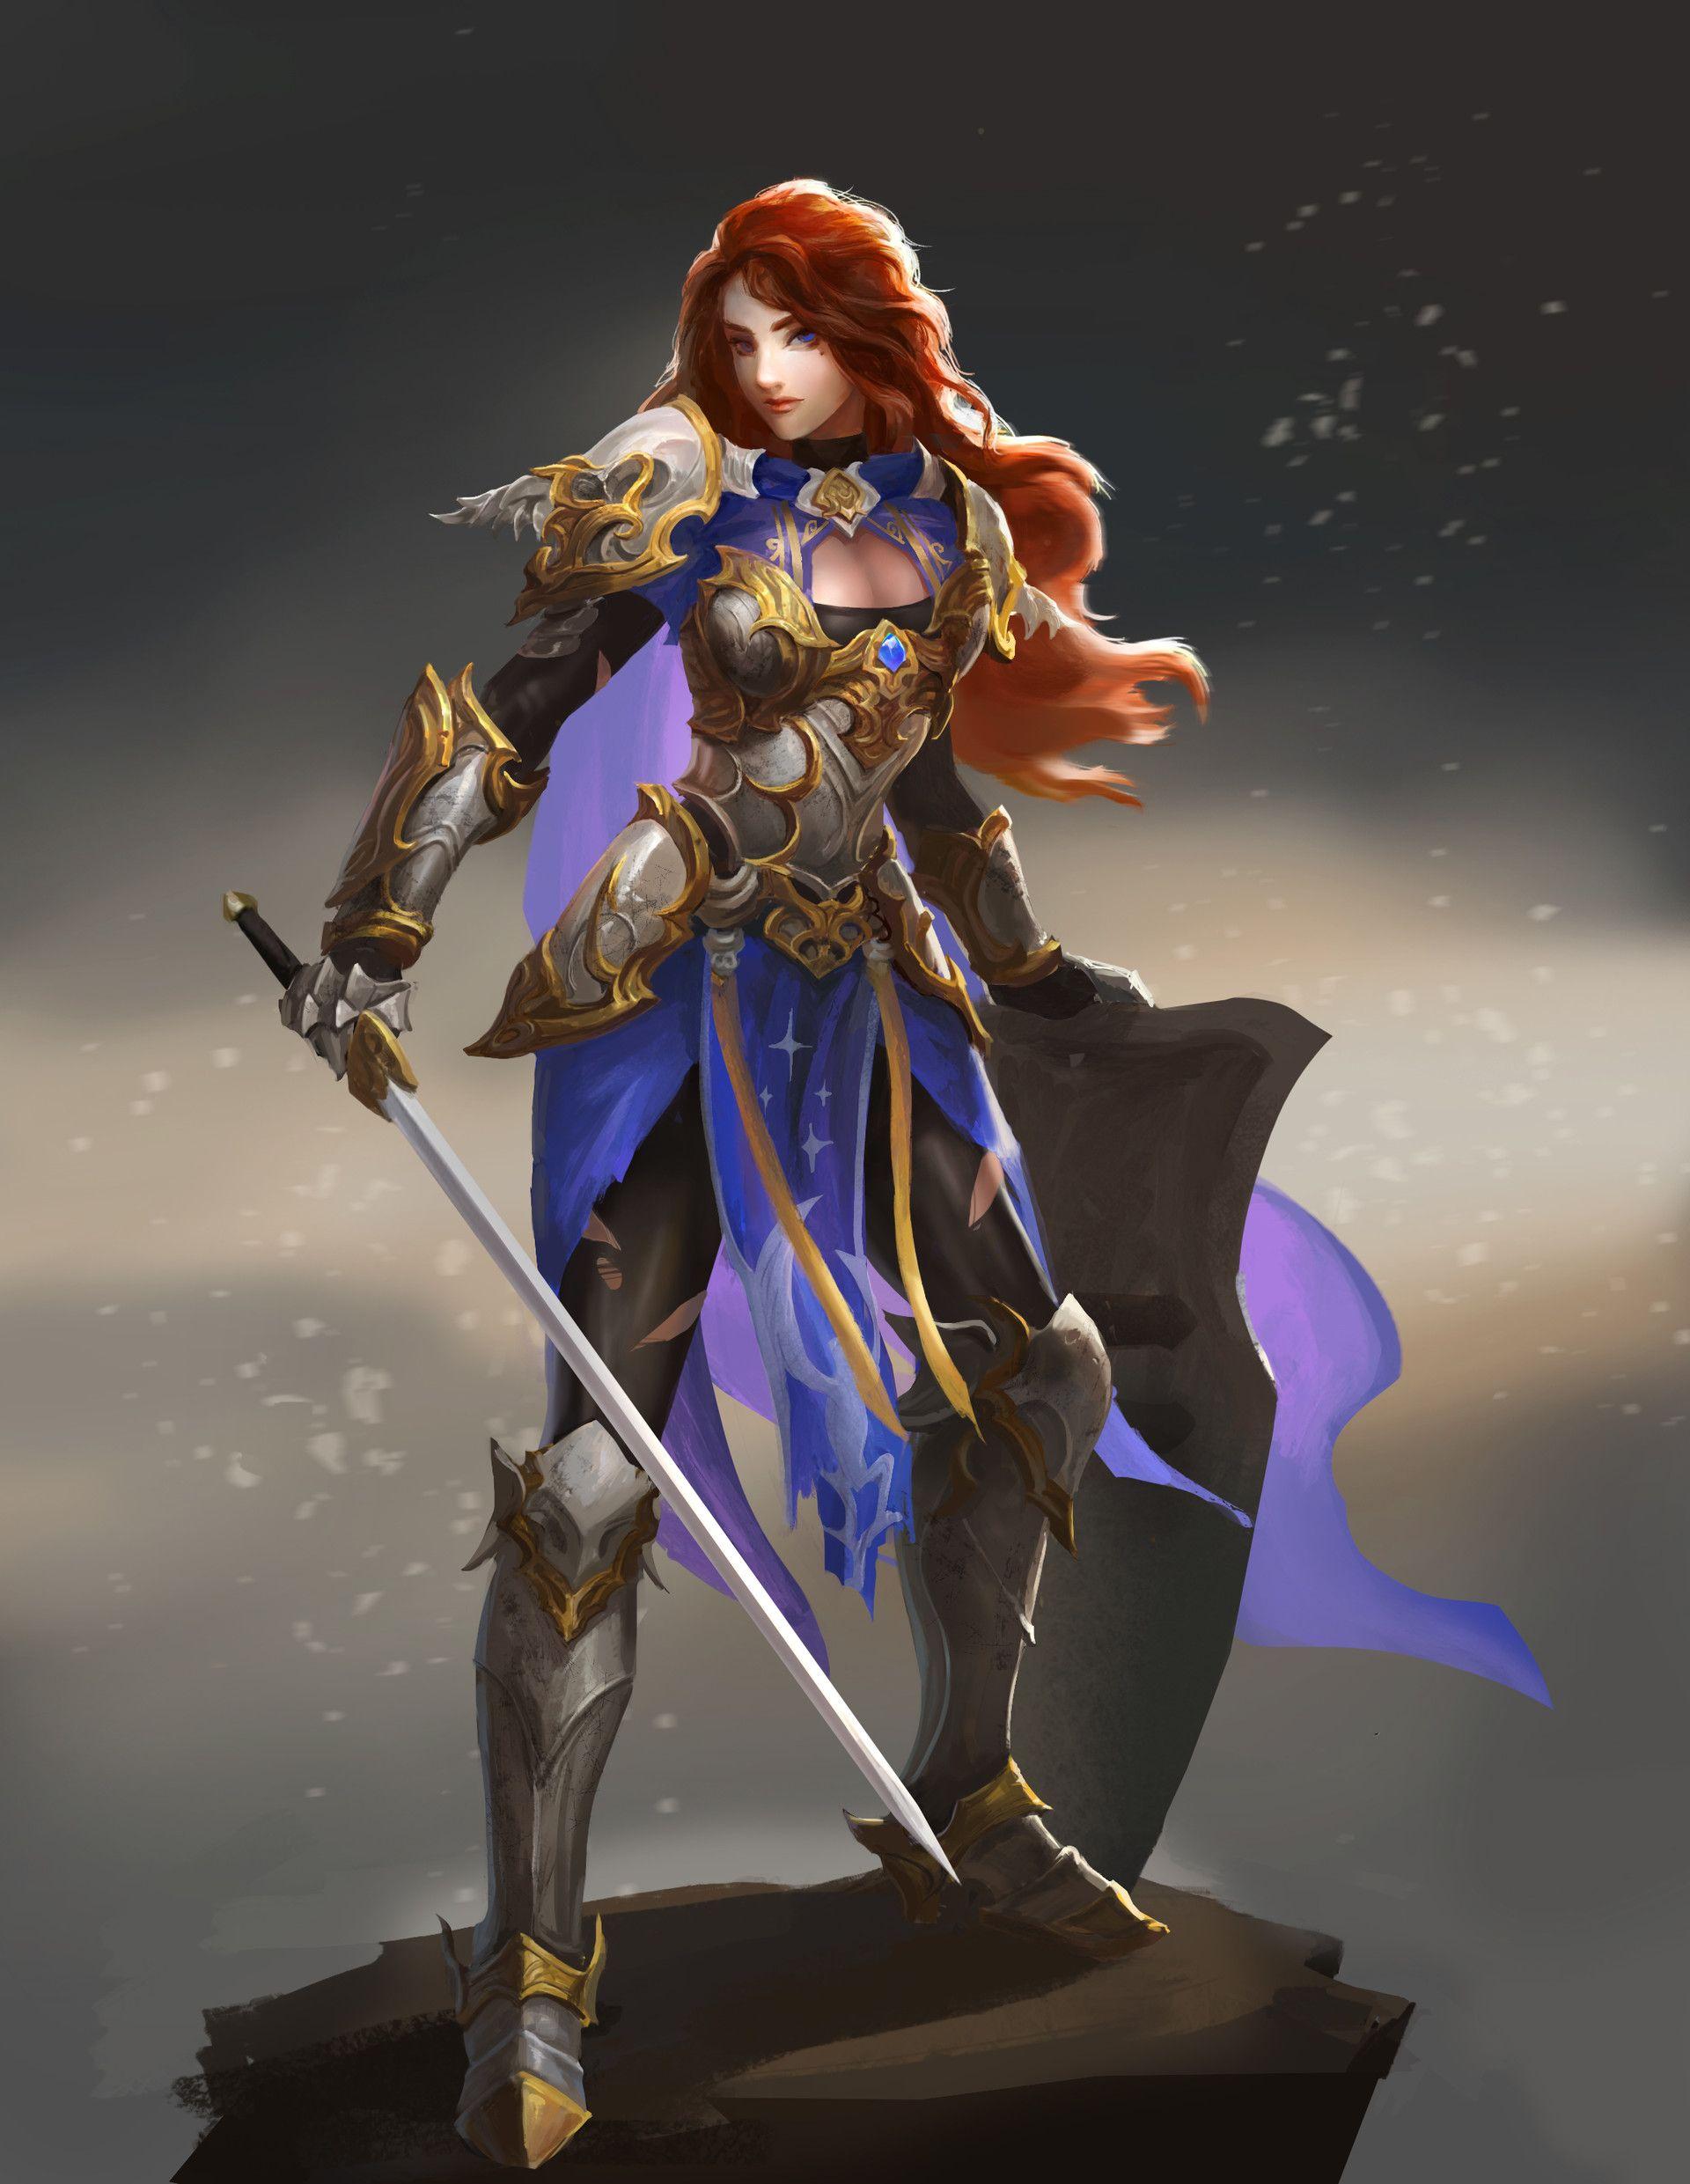 knight by B Beask on ArtStation.